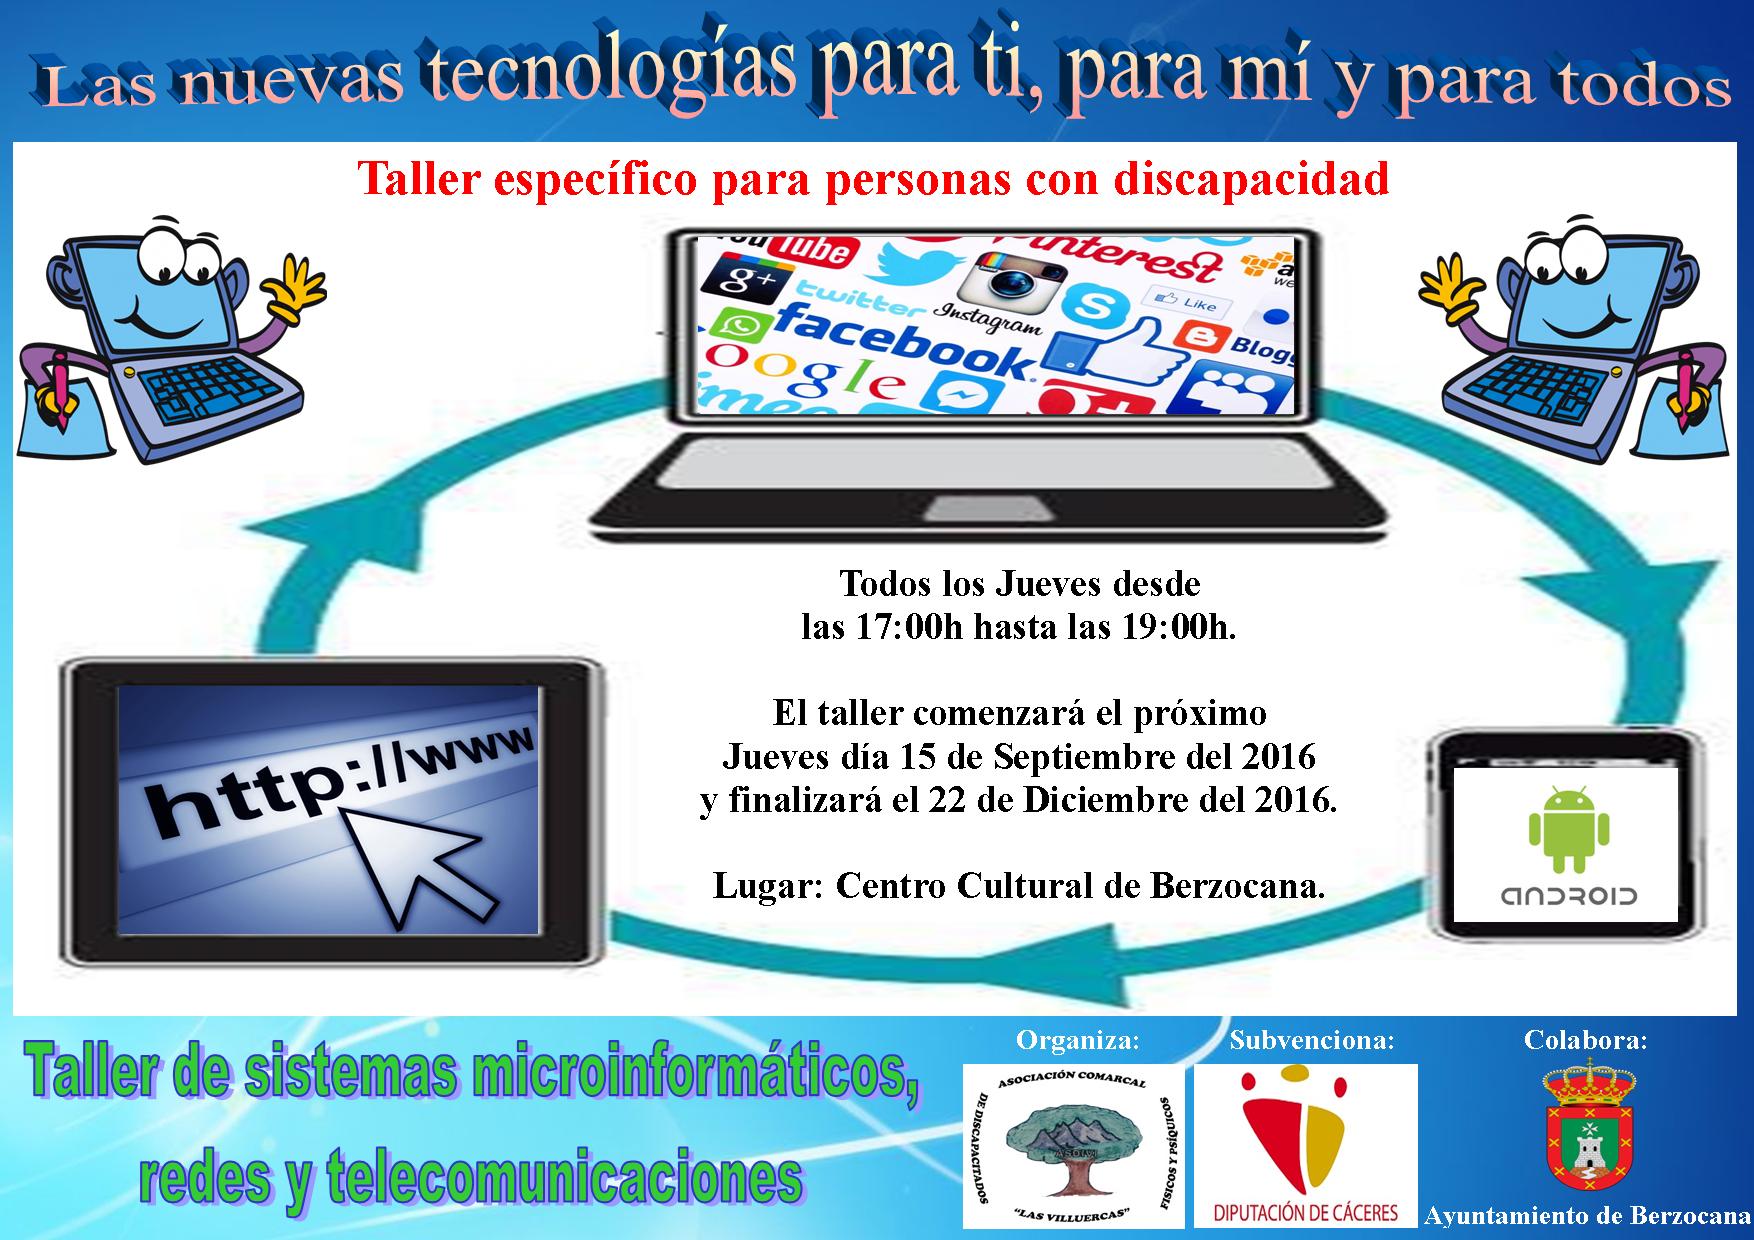 Taller de Sistemas microinformáticos, redes y telecomunicaciones 2016 - Berzocana